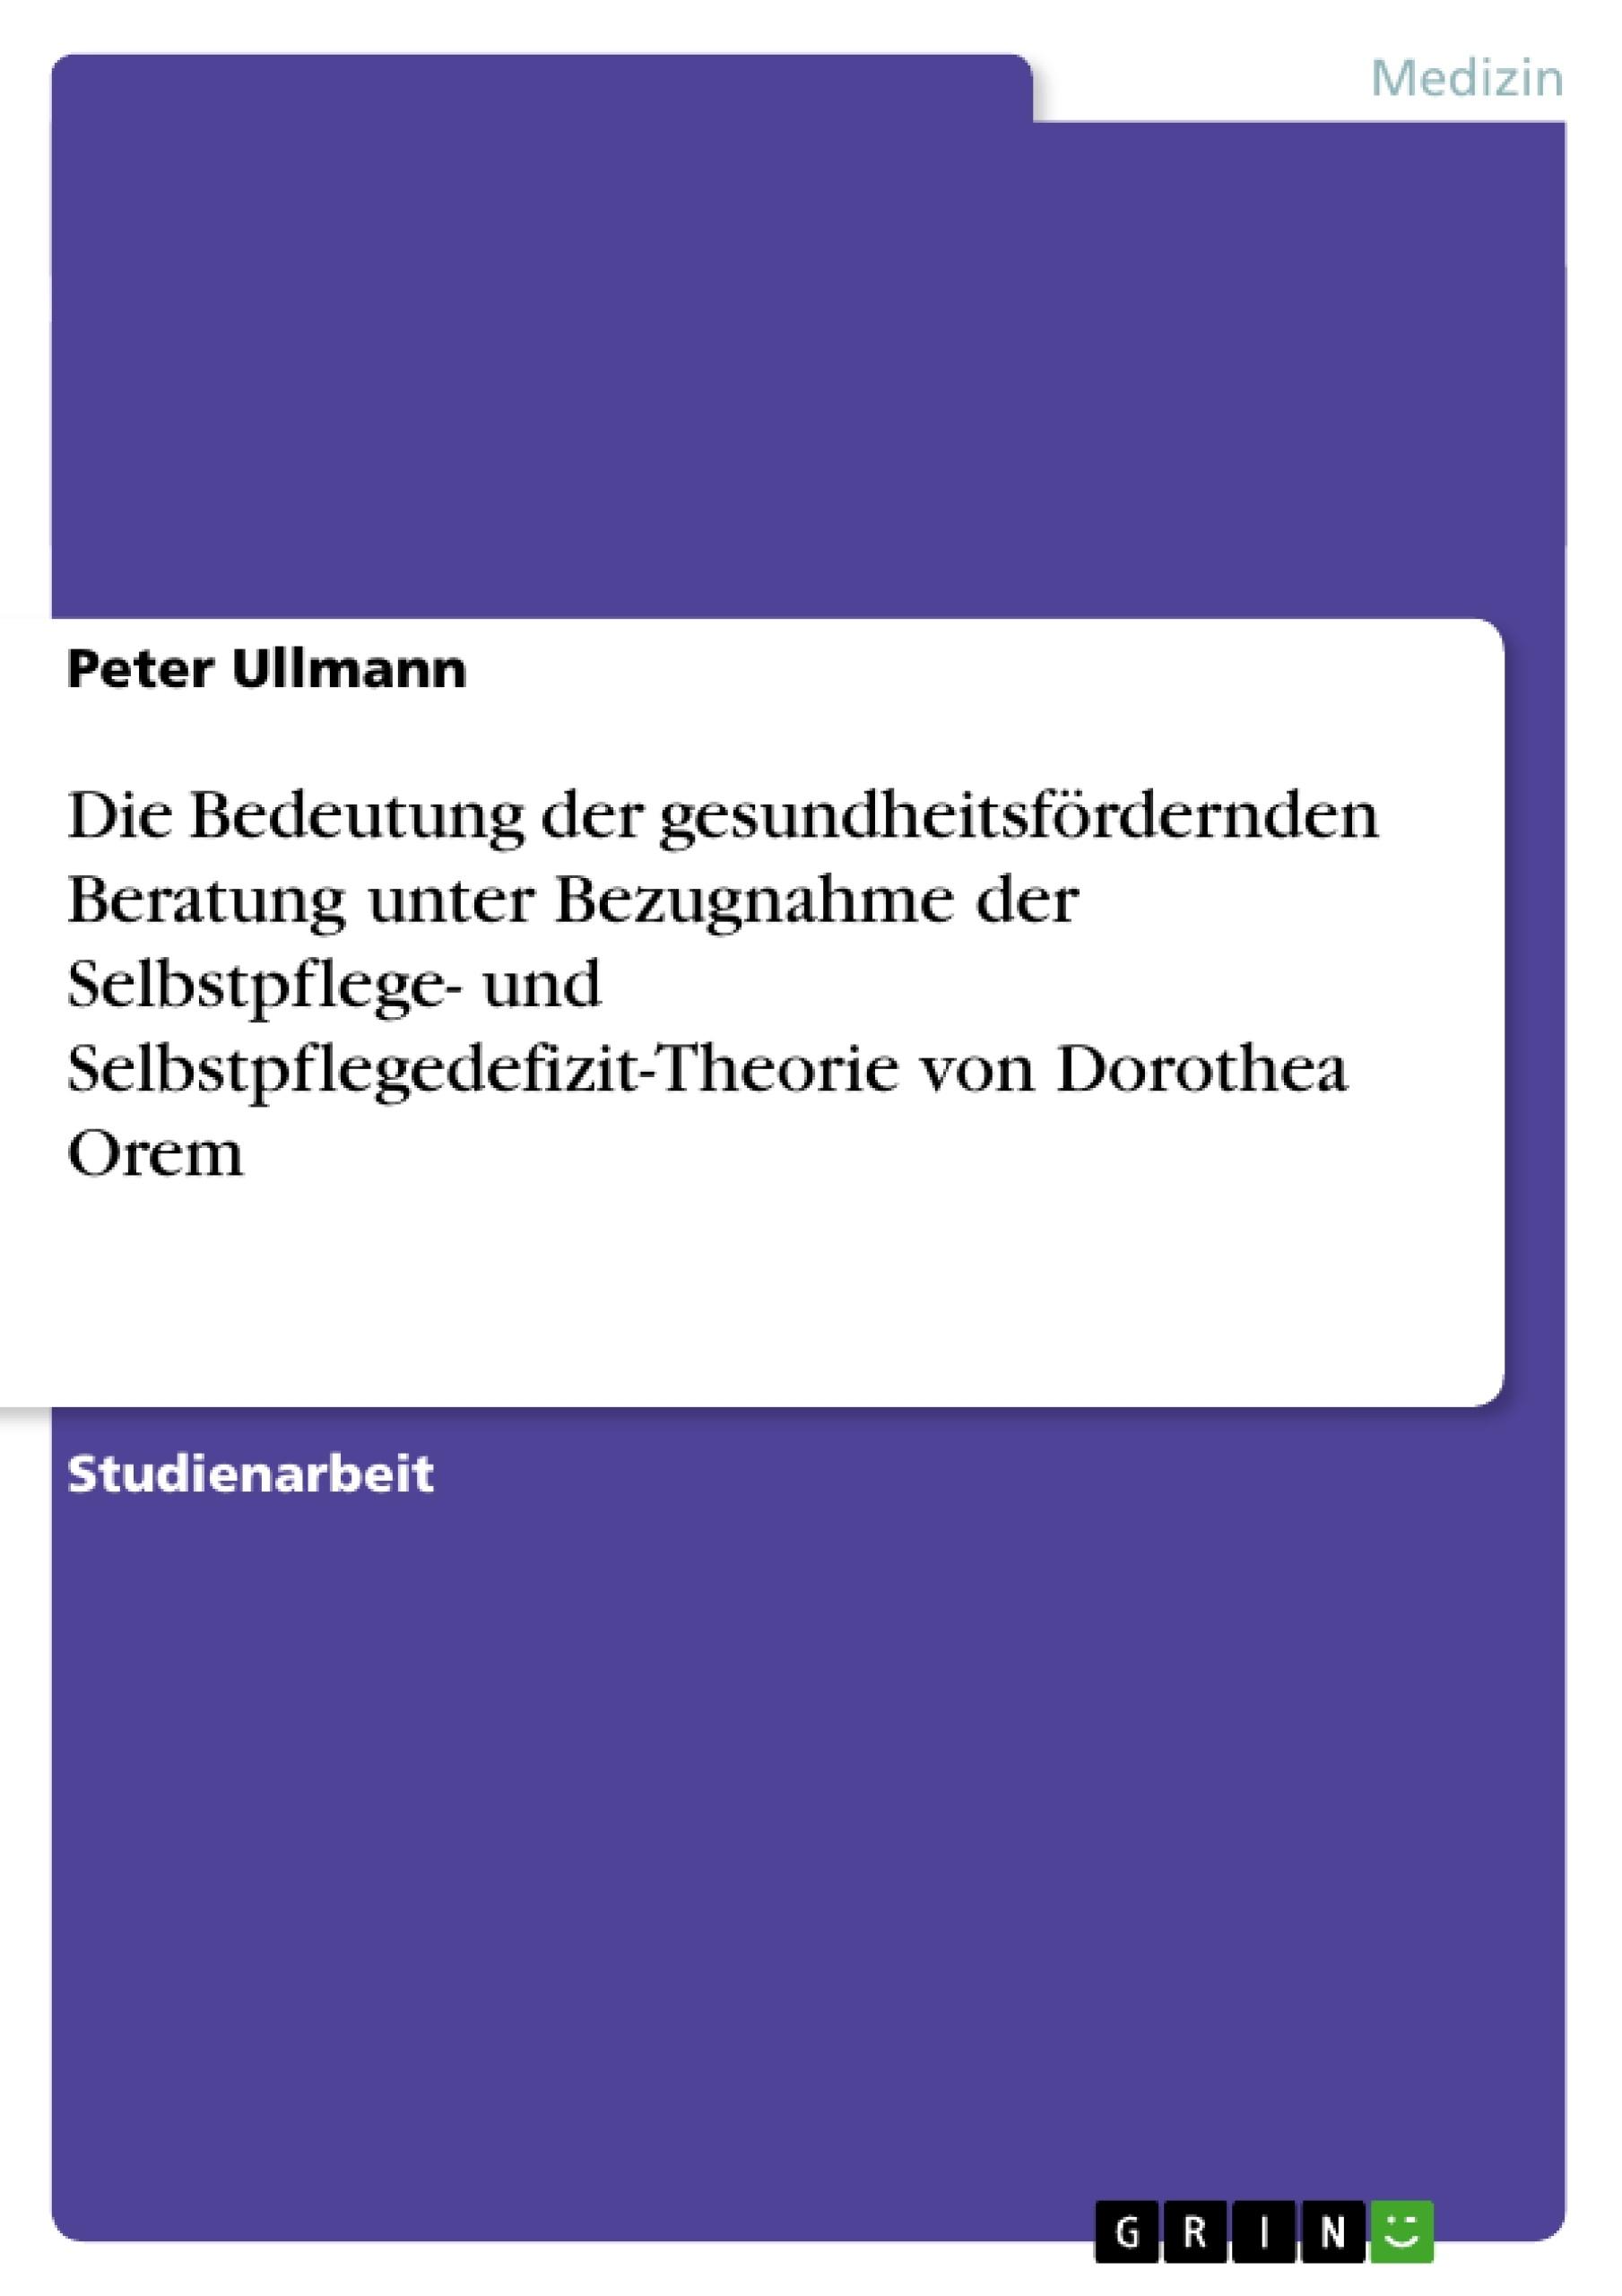 Titel: Die Bedeutung der gesundheitsfördernden Beratung unter Bezugnahme der Selbstpflege- und Selbstpflegedefizit-Theorie von Dorothea Orem